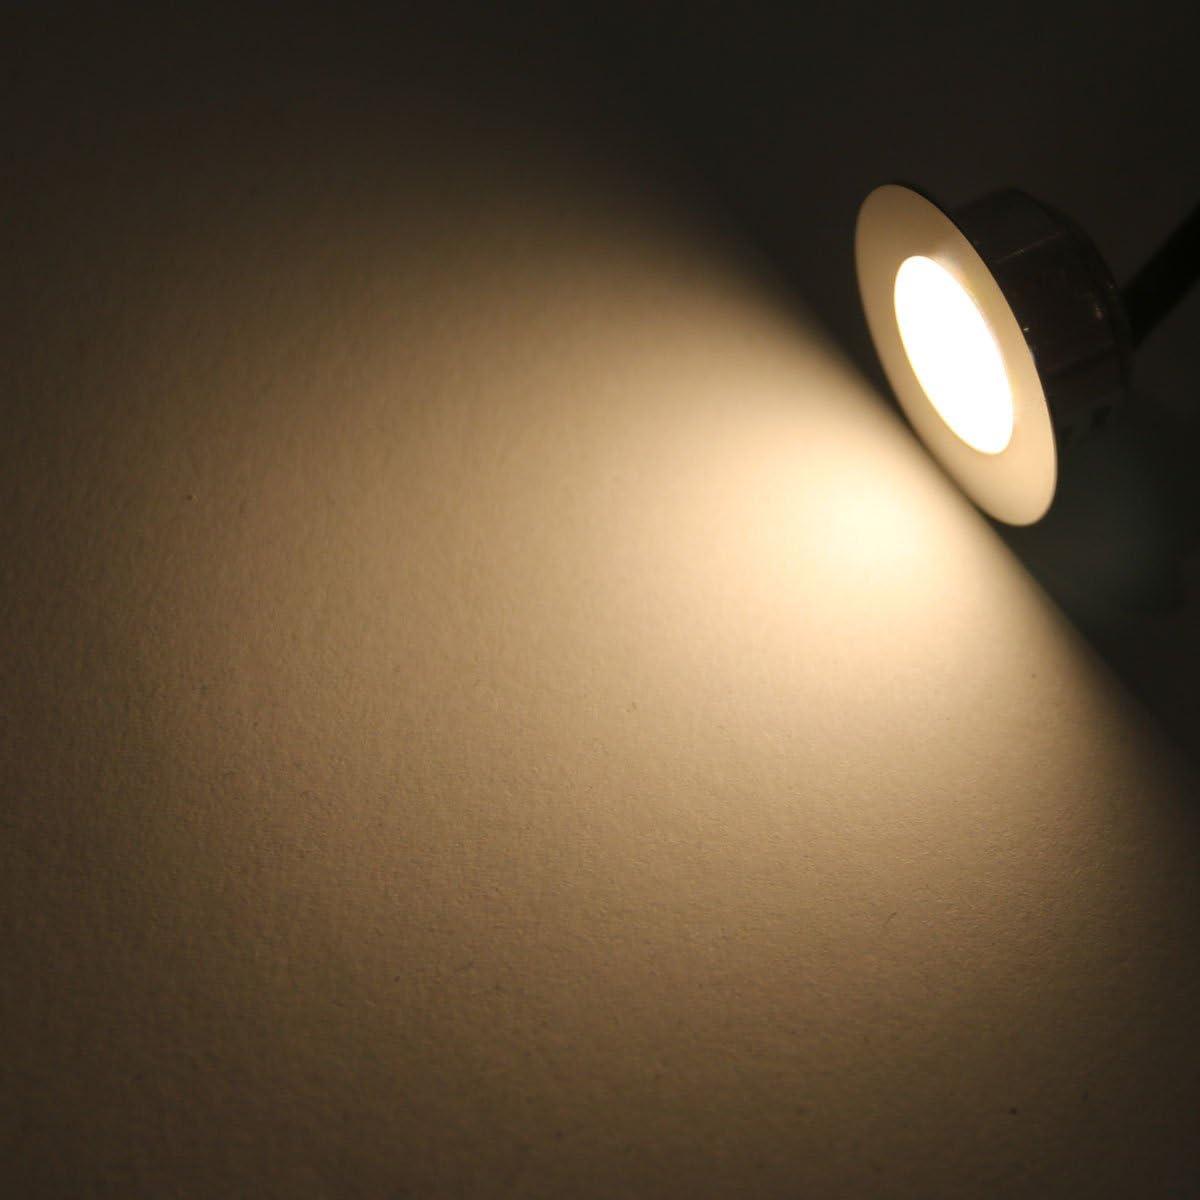 VBLED® LED Mini Bad-Einbauleuchte 9er KIT, rostfreier Edelstahl, IP67 wassergeschütz (starkregensicher), 0,3W, 15 lm, WW (3000K) (9er Set WW mit Trafo 12V, 12W IP67)… 3er Warmweiß